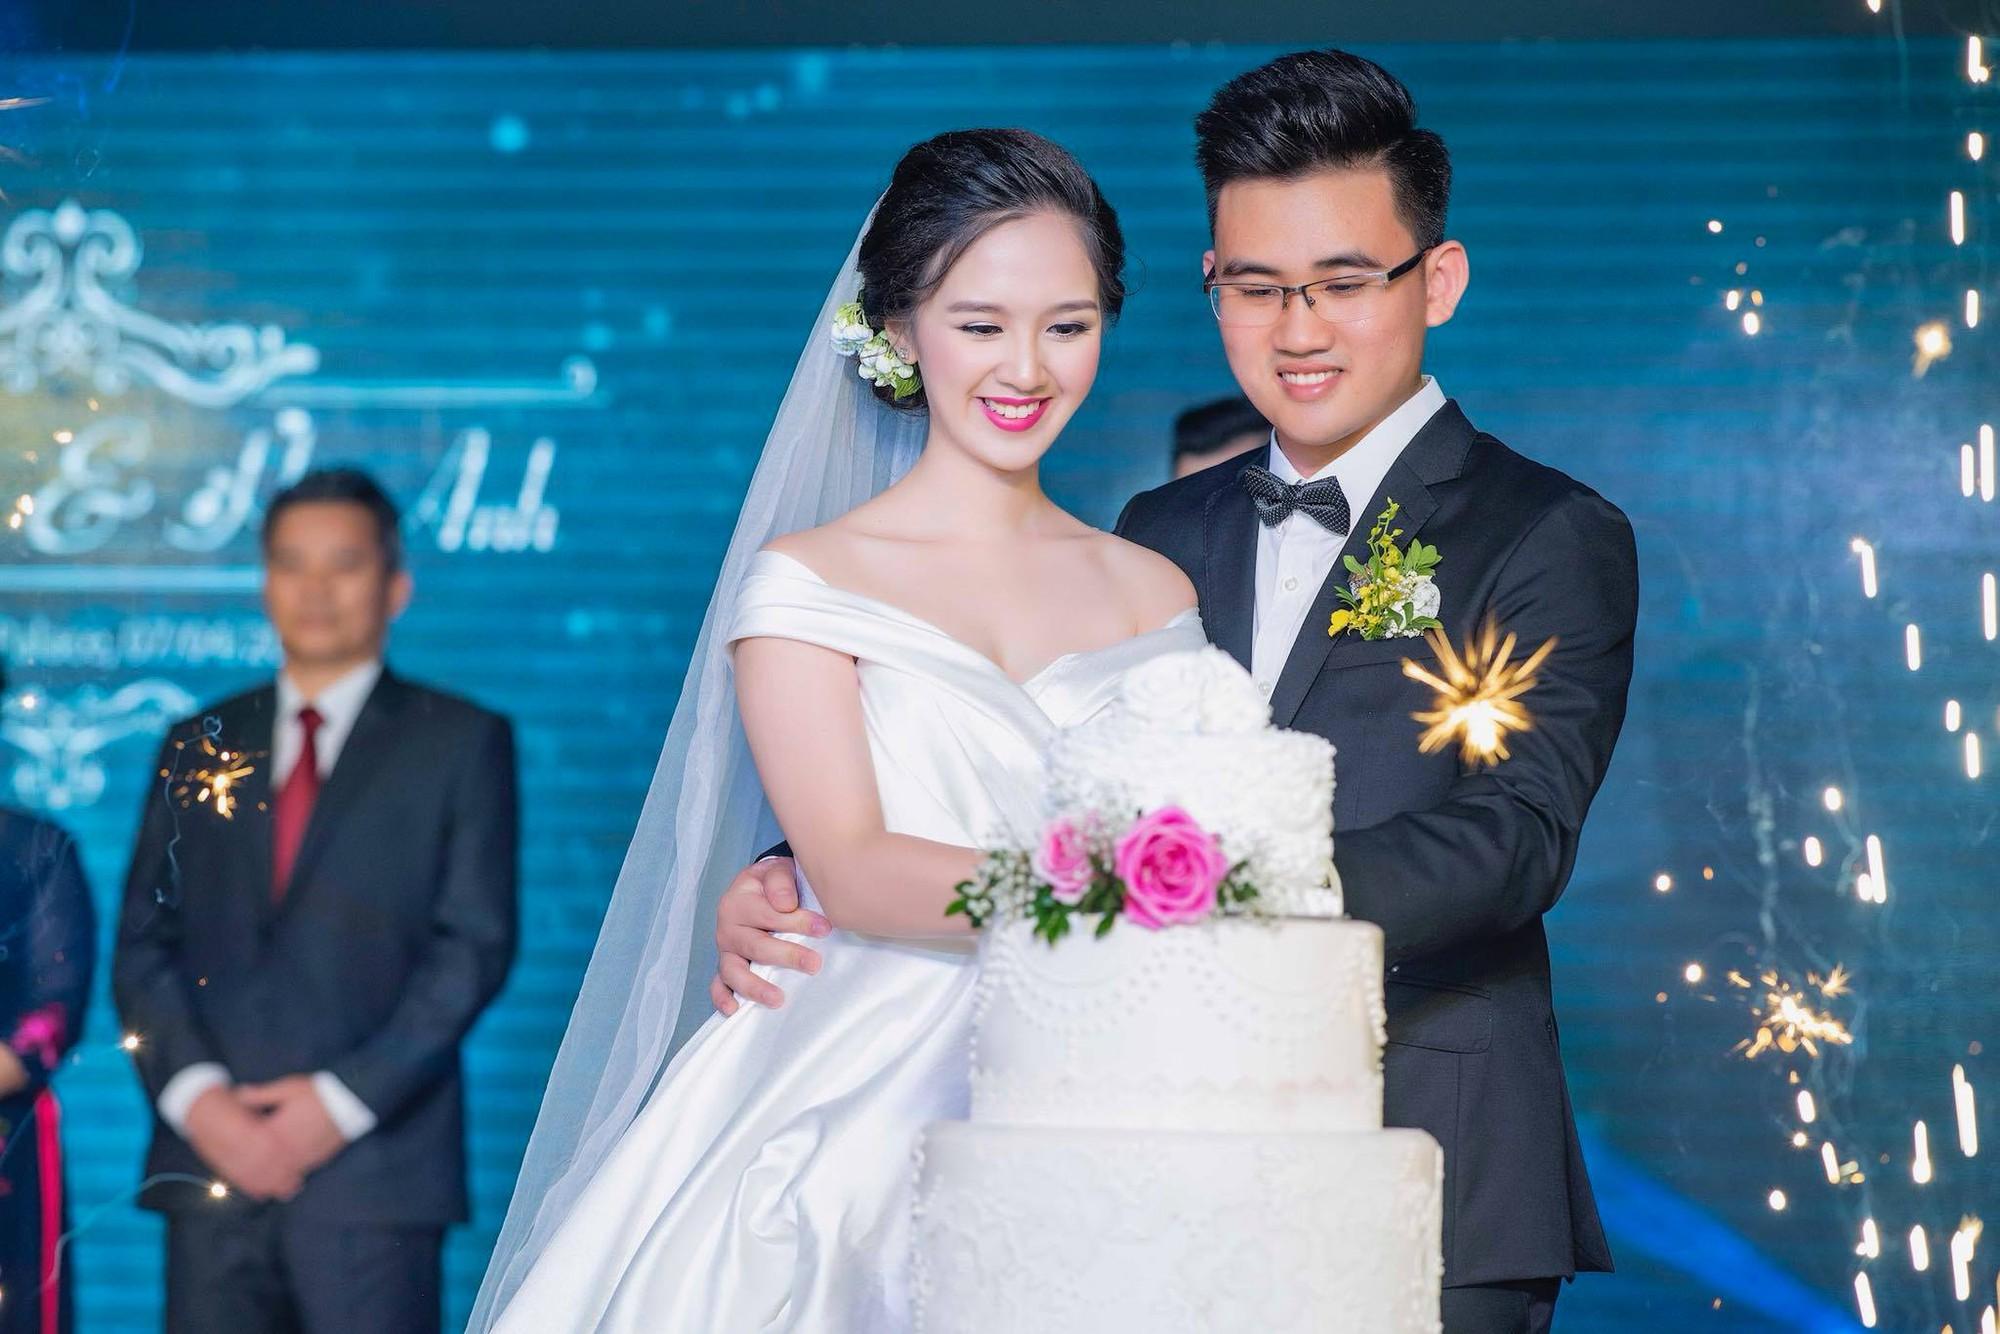 Hot girl Bánh đúc có xương bất ngờ kết hôn ở tuổi 21 - Ảnh 1.